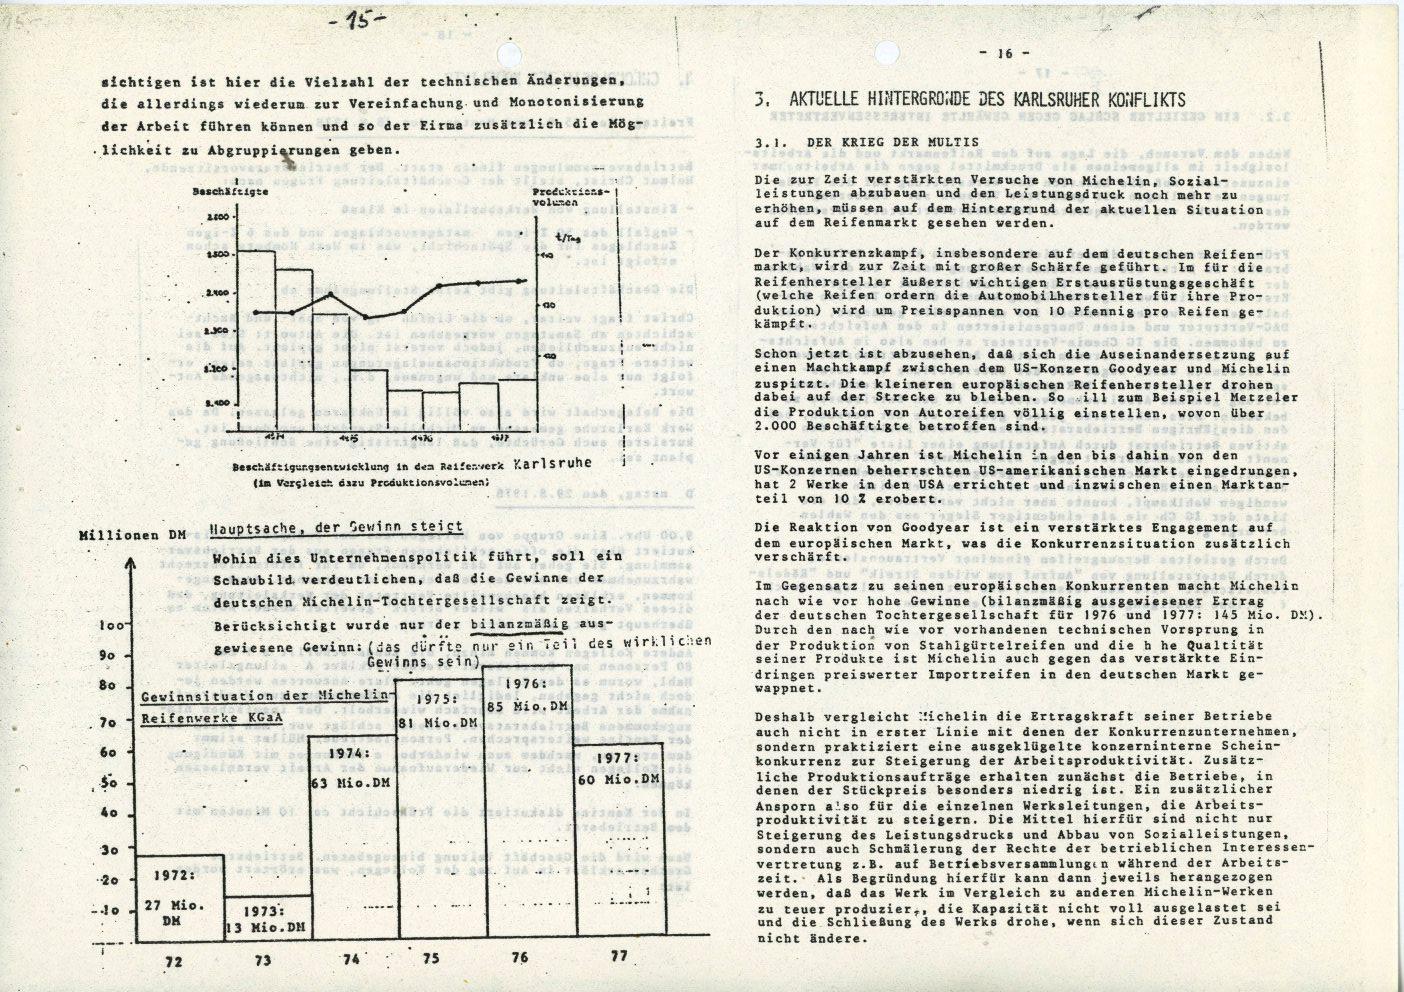 Karlsruhe_Michelin_IGCPK_Doku_zum_Arbeitskonflikt_1978_08